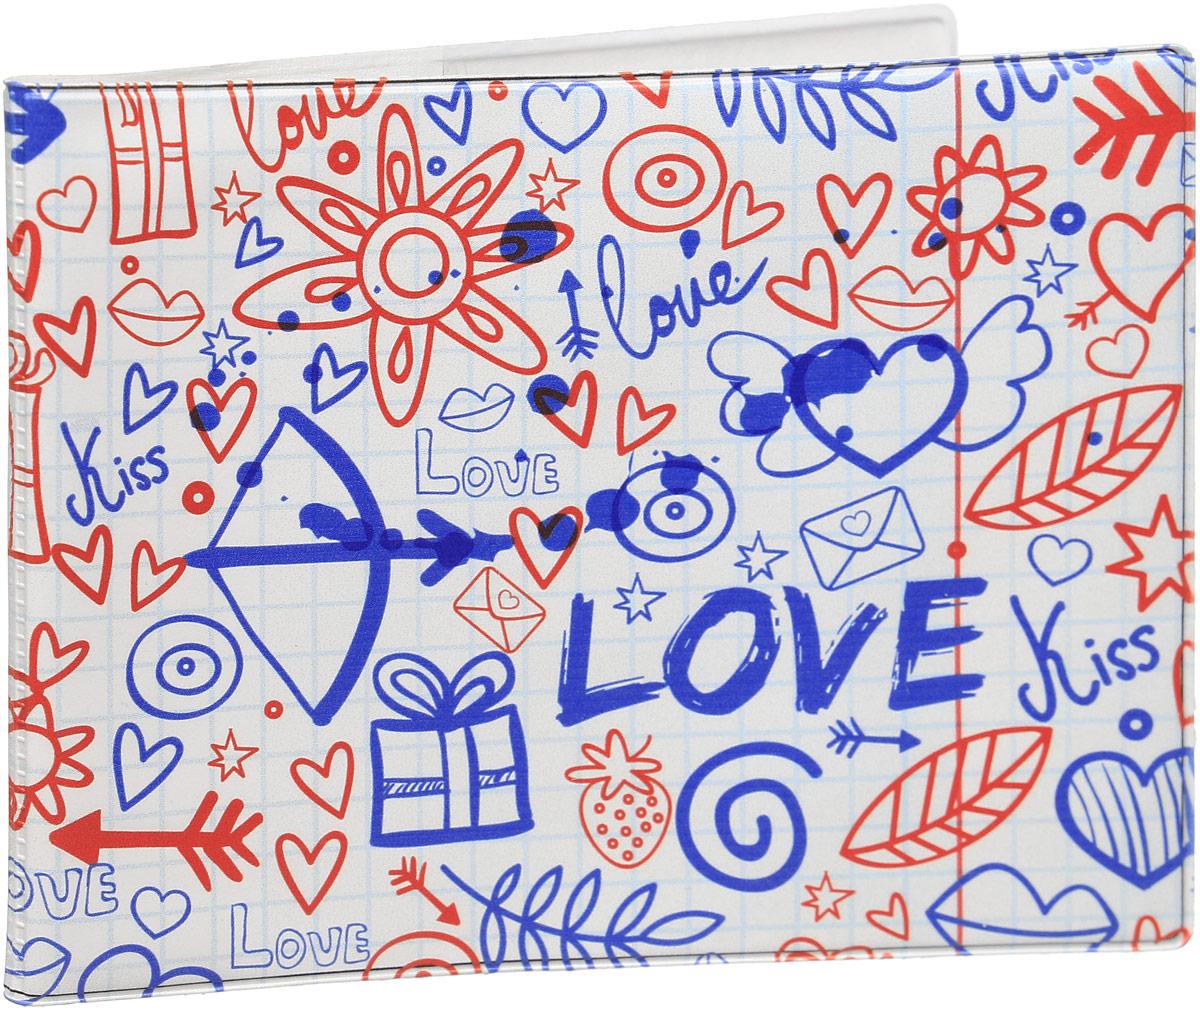 Обложка для зачетной книжки Kawaii Factory Тетрадный лист, цвет: белый, синий. KW067-000043 обложка для зачетной книжки спб мосты и крепость оз2018 014